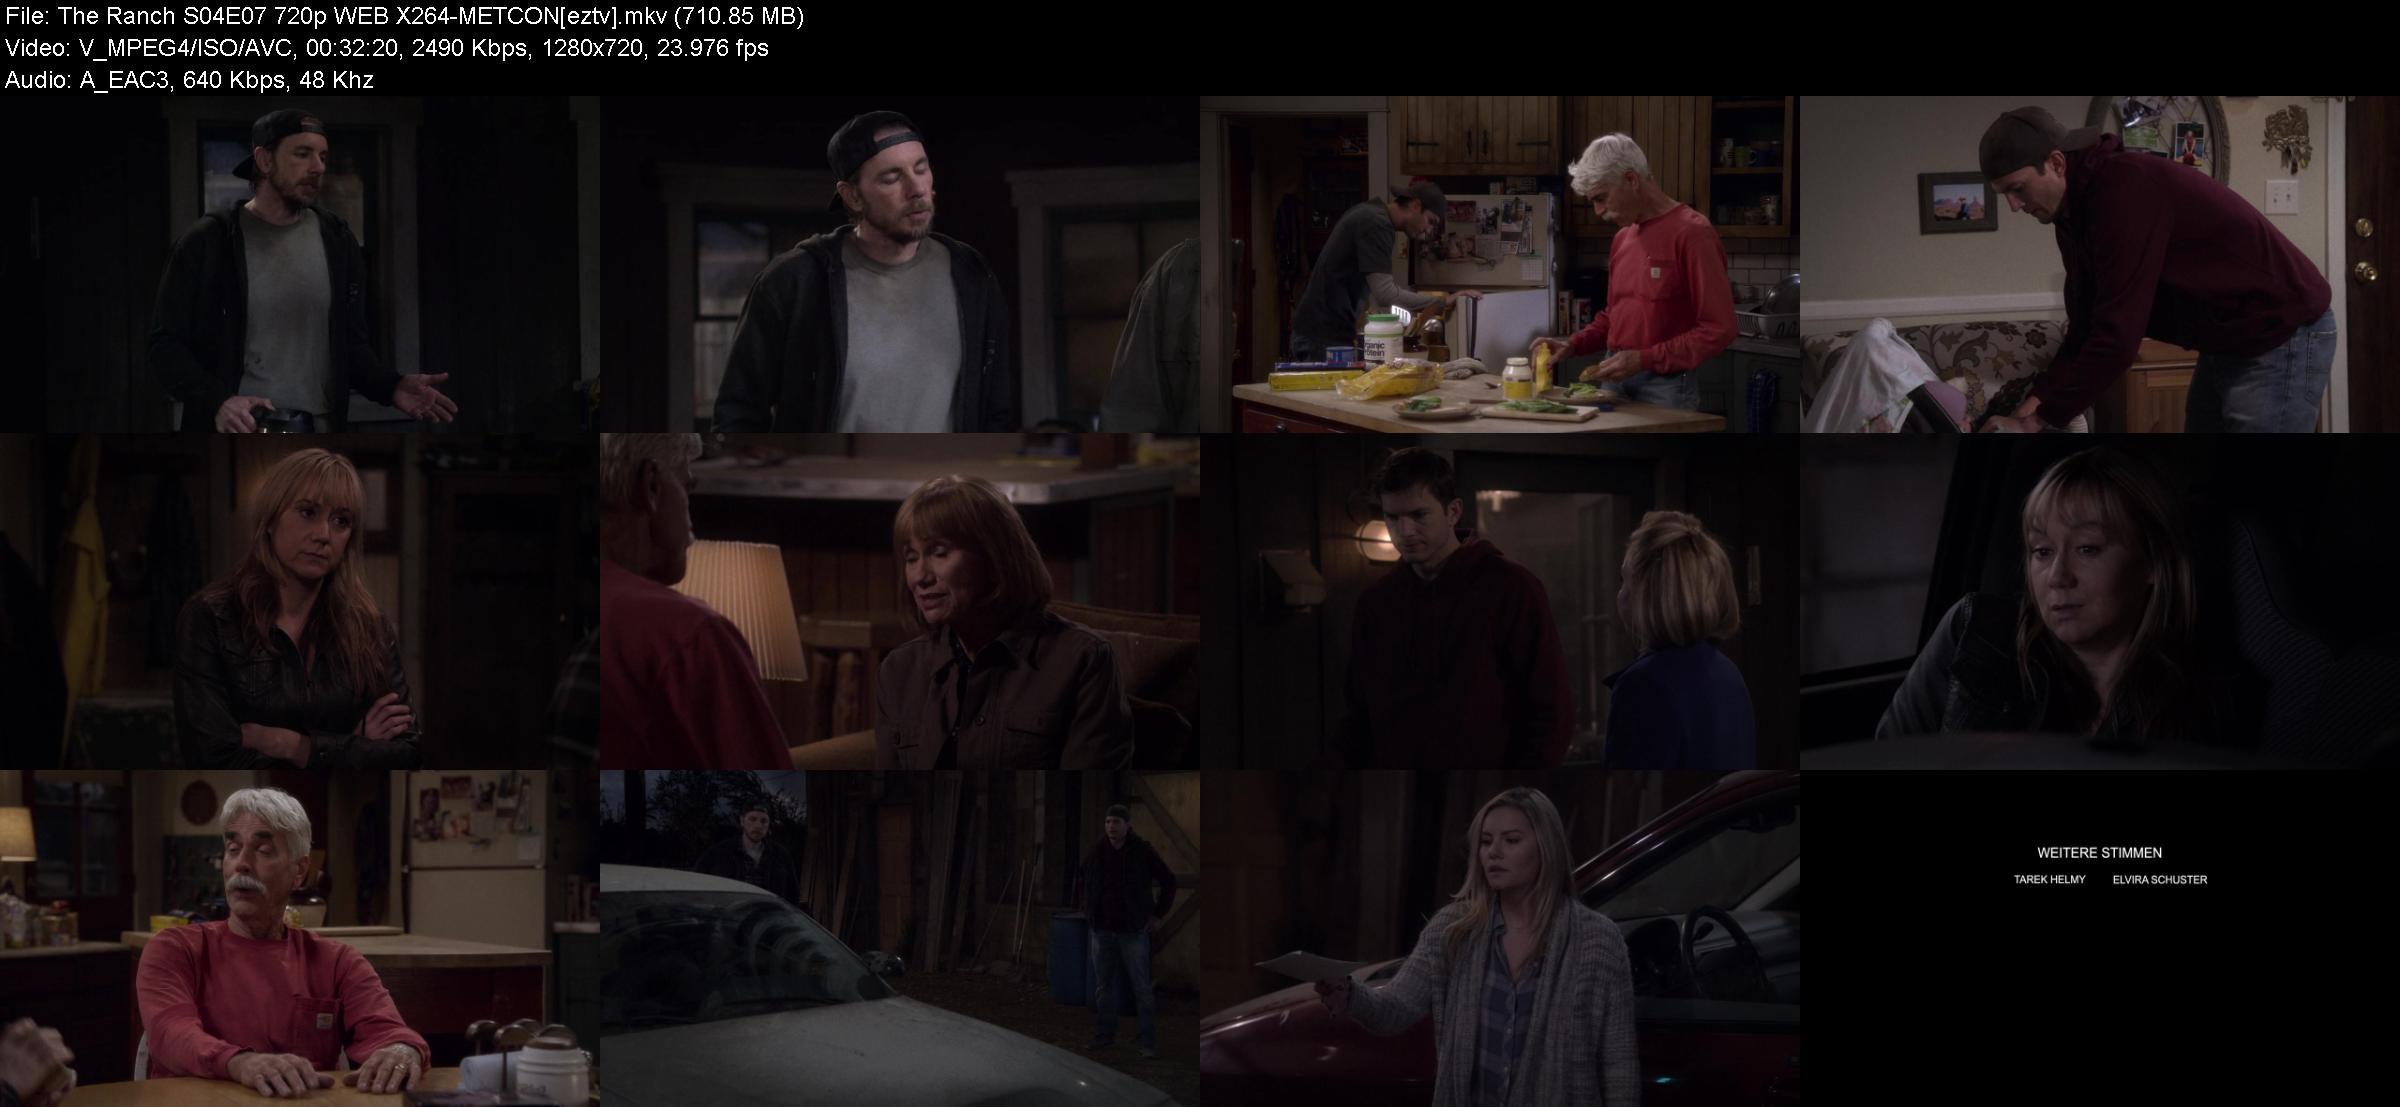 The Ranch S04E07 720p WEB X264-METCON